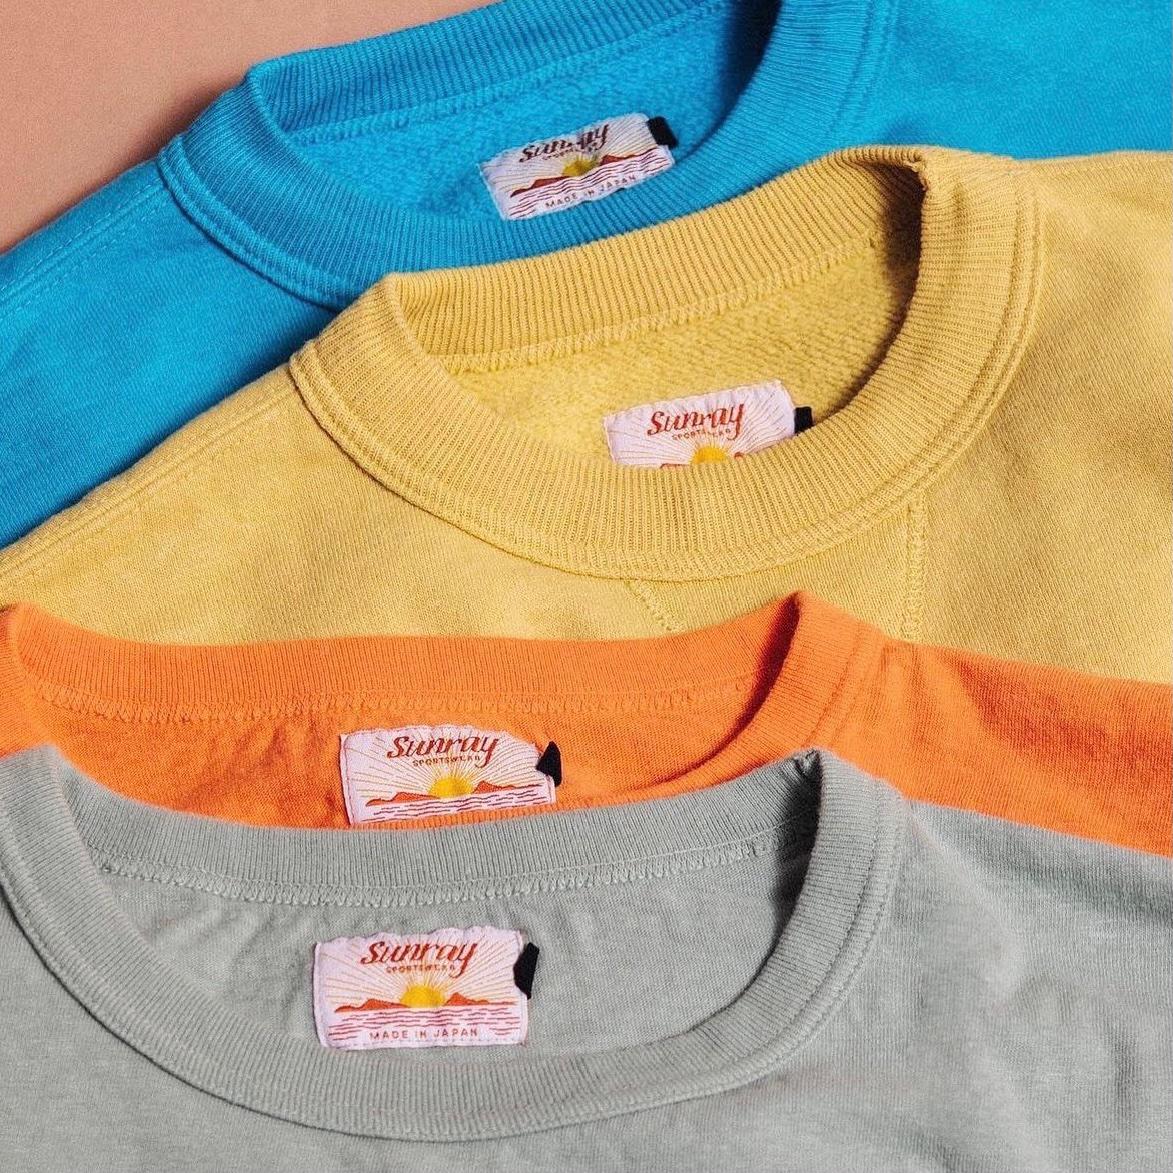 New Shirts… Sunray Sportswear